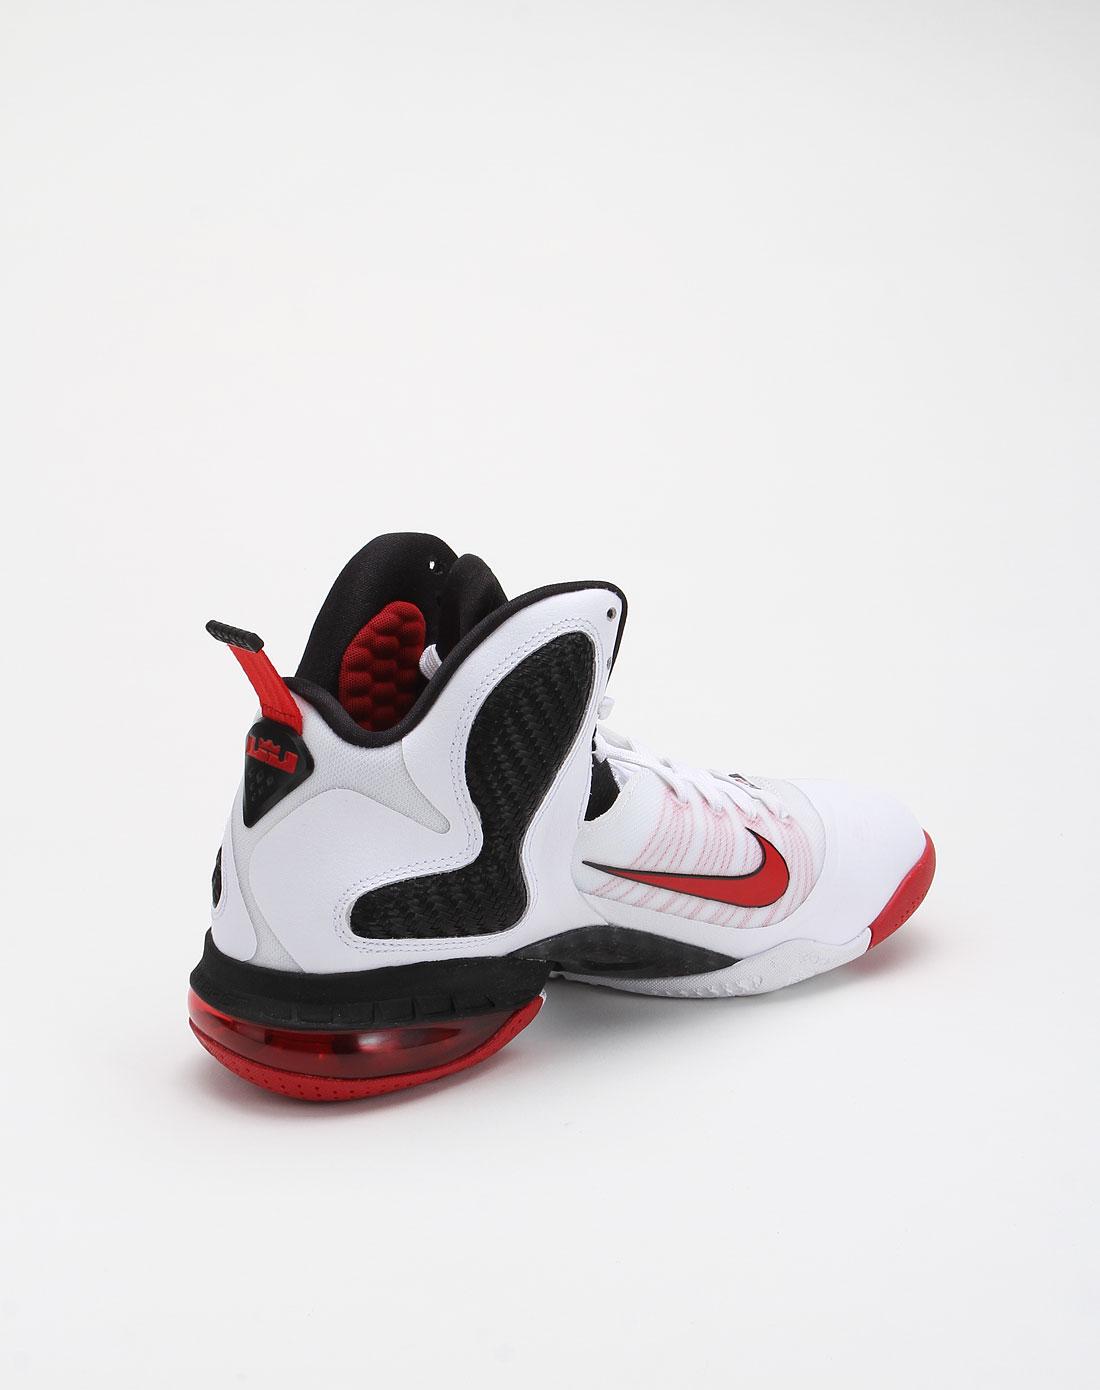 耐克nike-男款个性帅气黑白拼色篮球运动鞋469764